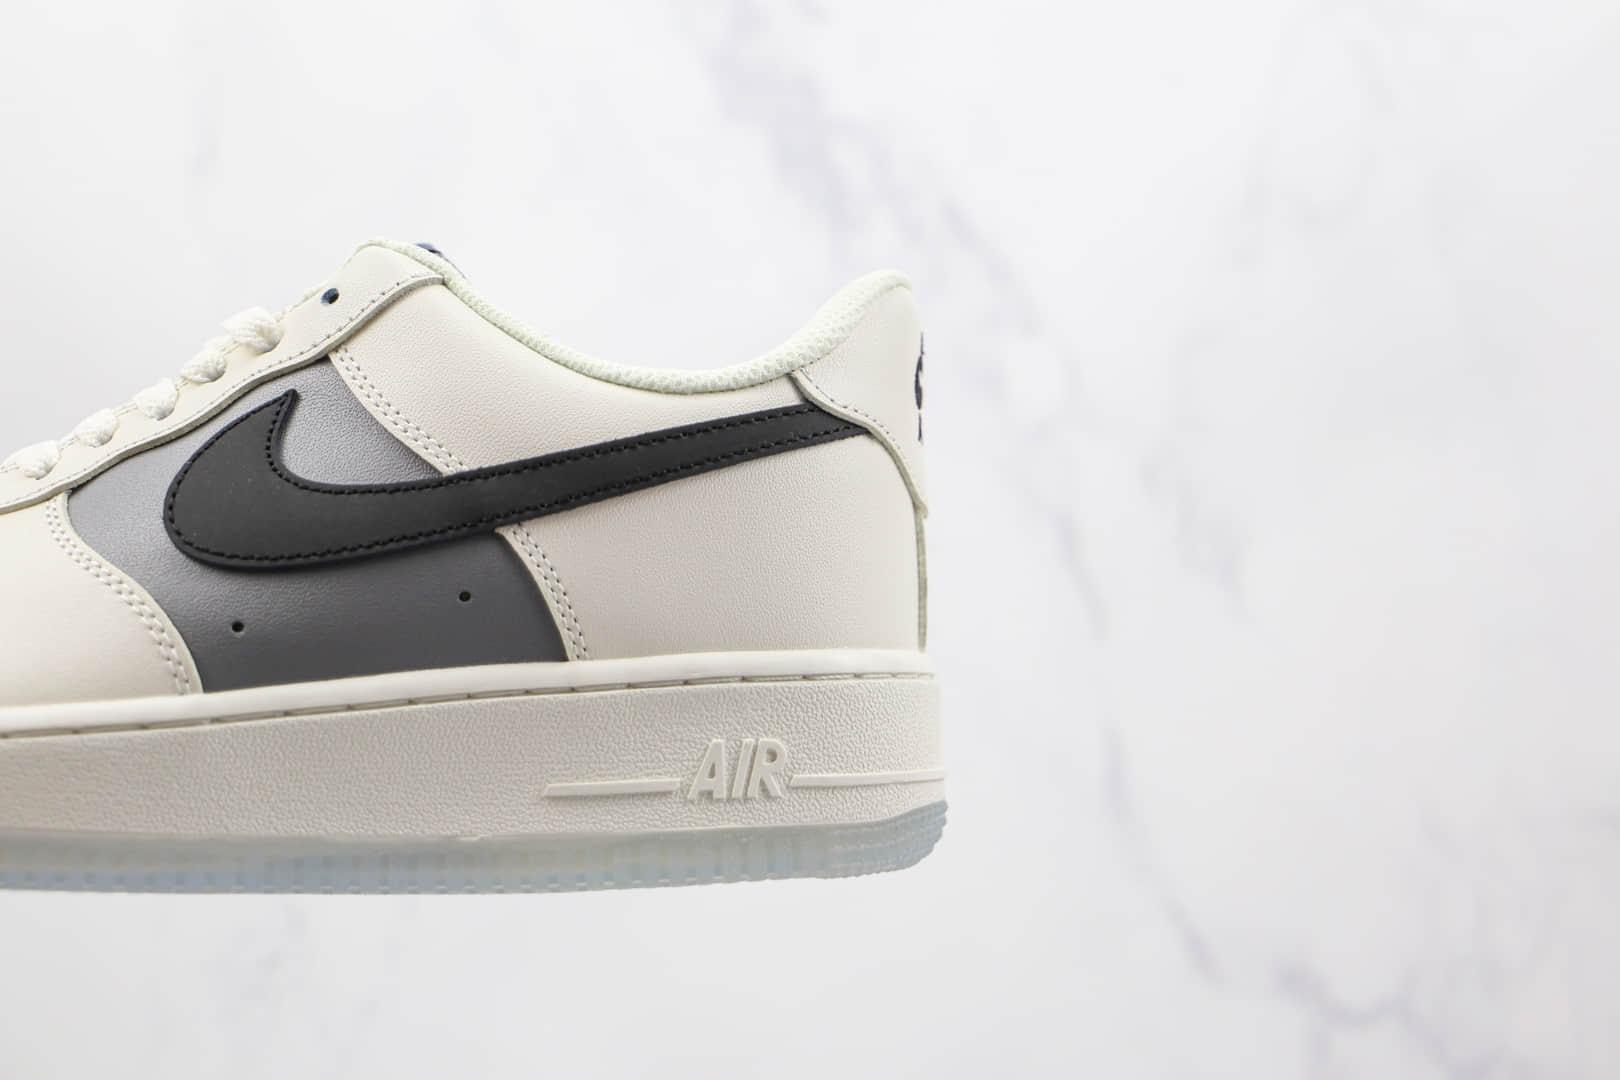 耐克Nike Air Force 1 Low纯原版本低帮空军一号白灰黑色透明底板鞋内置气垫 货号:DC1405-001